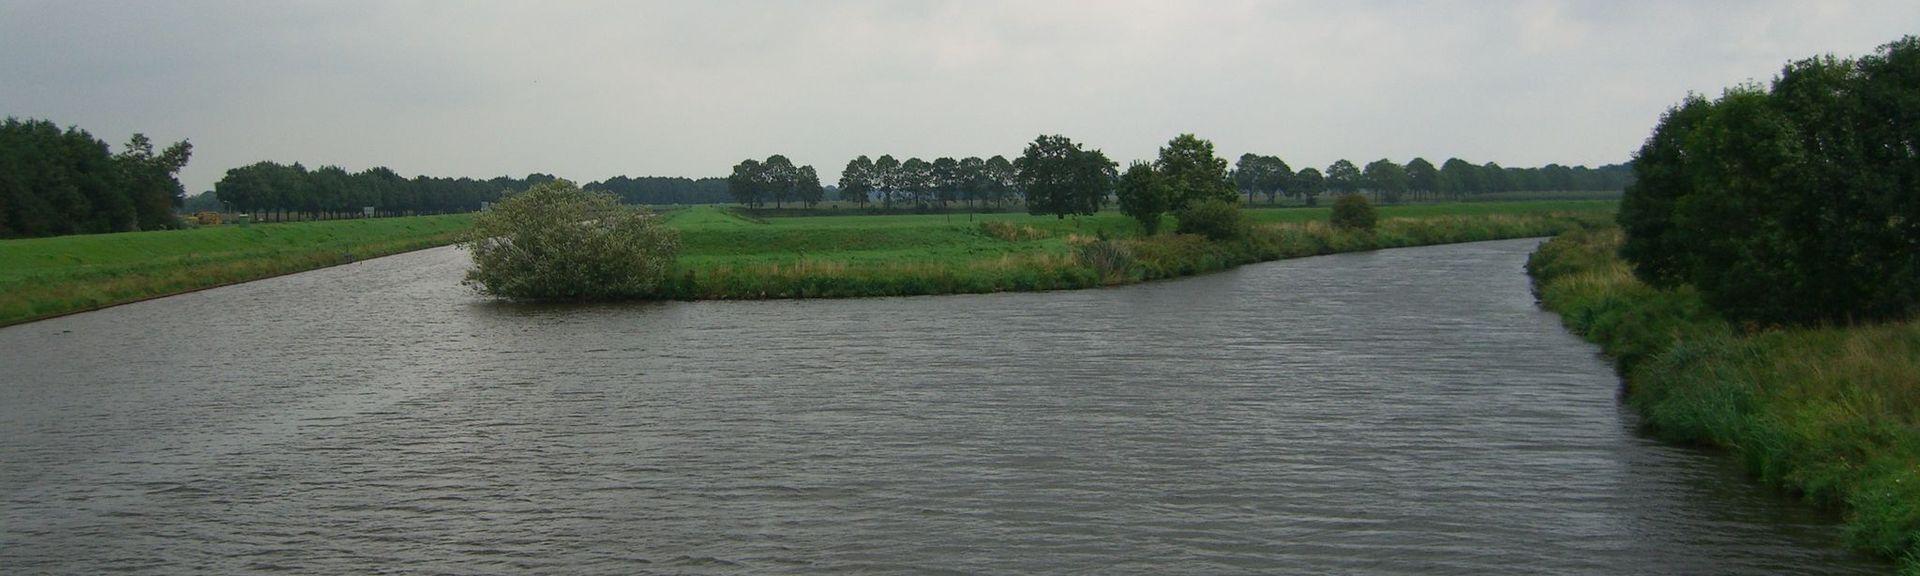 Arriën, Netherlands